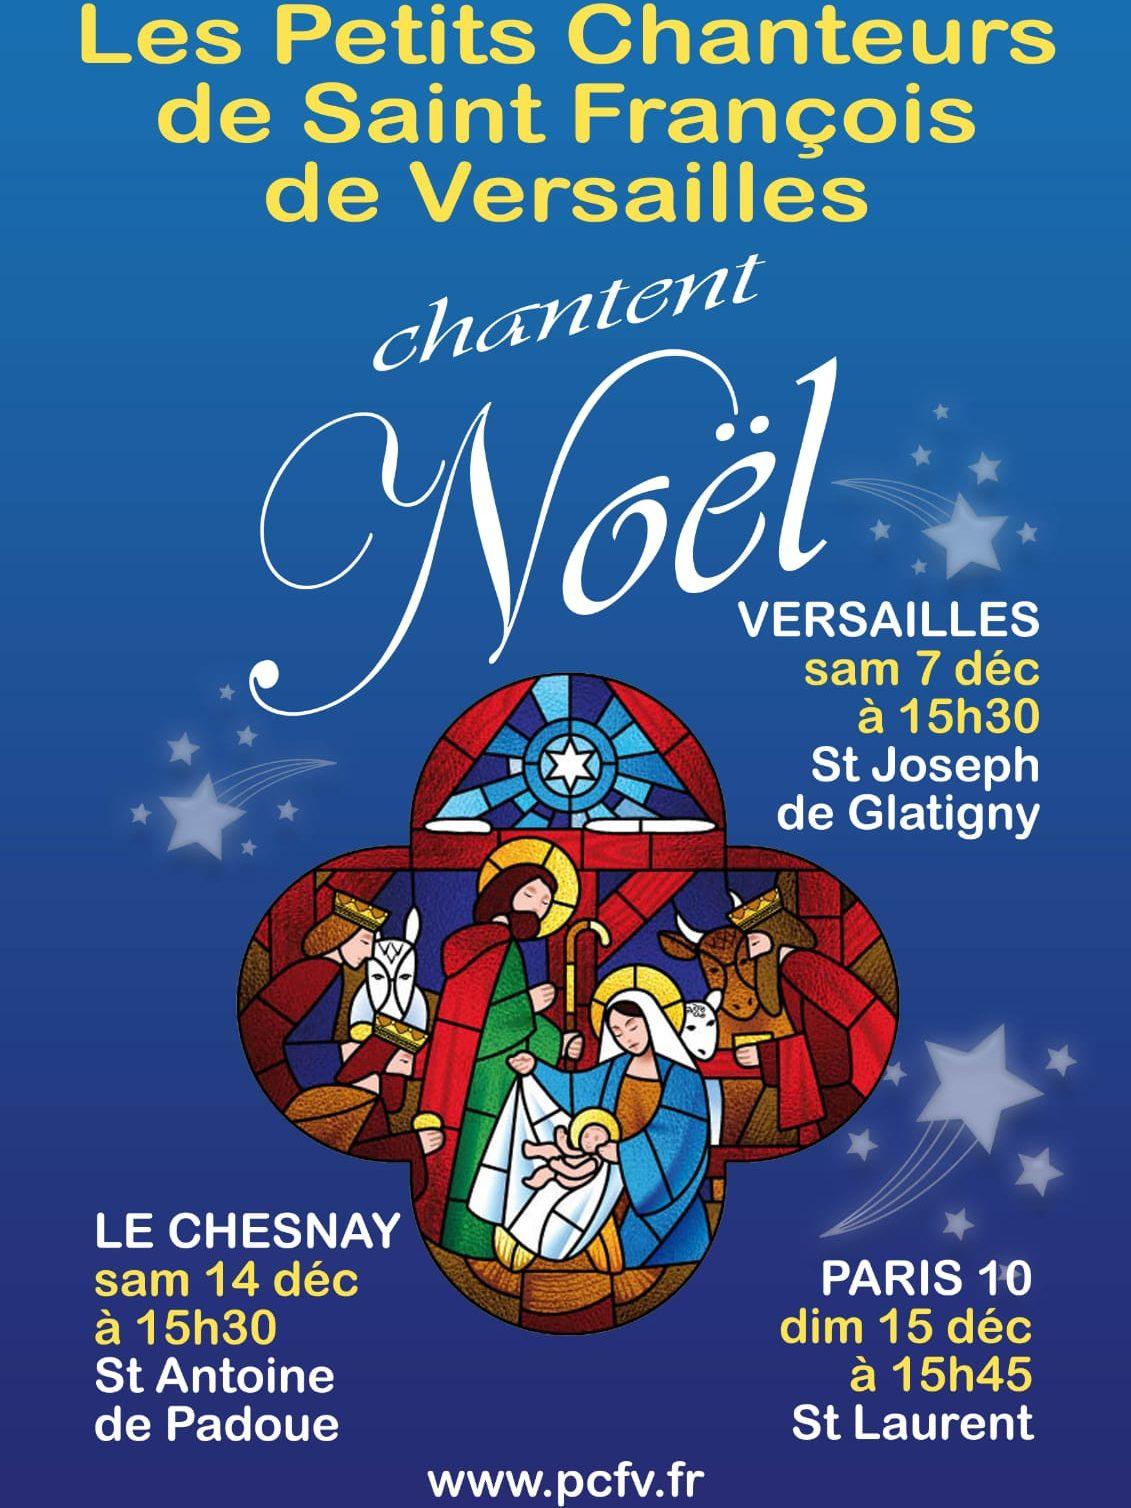 Concert de Noël des Petits Chanteurs de Saint François